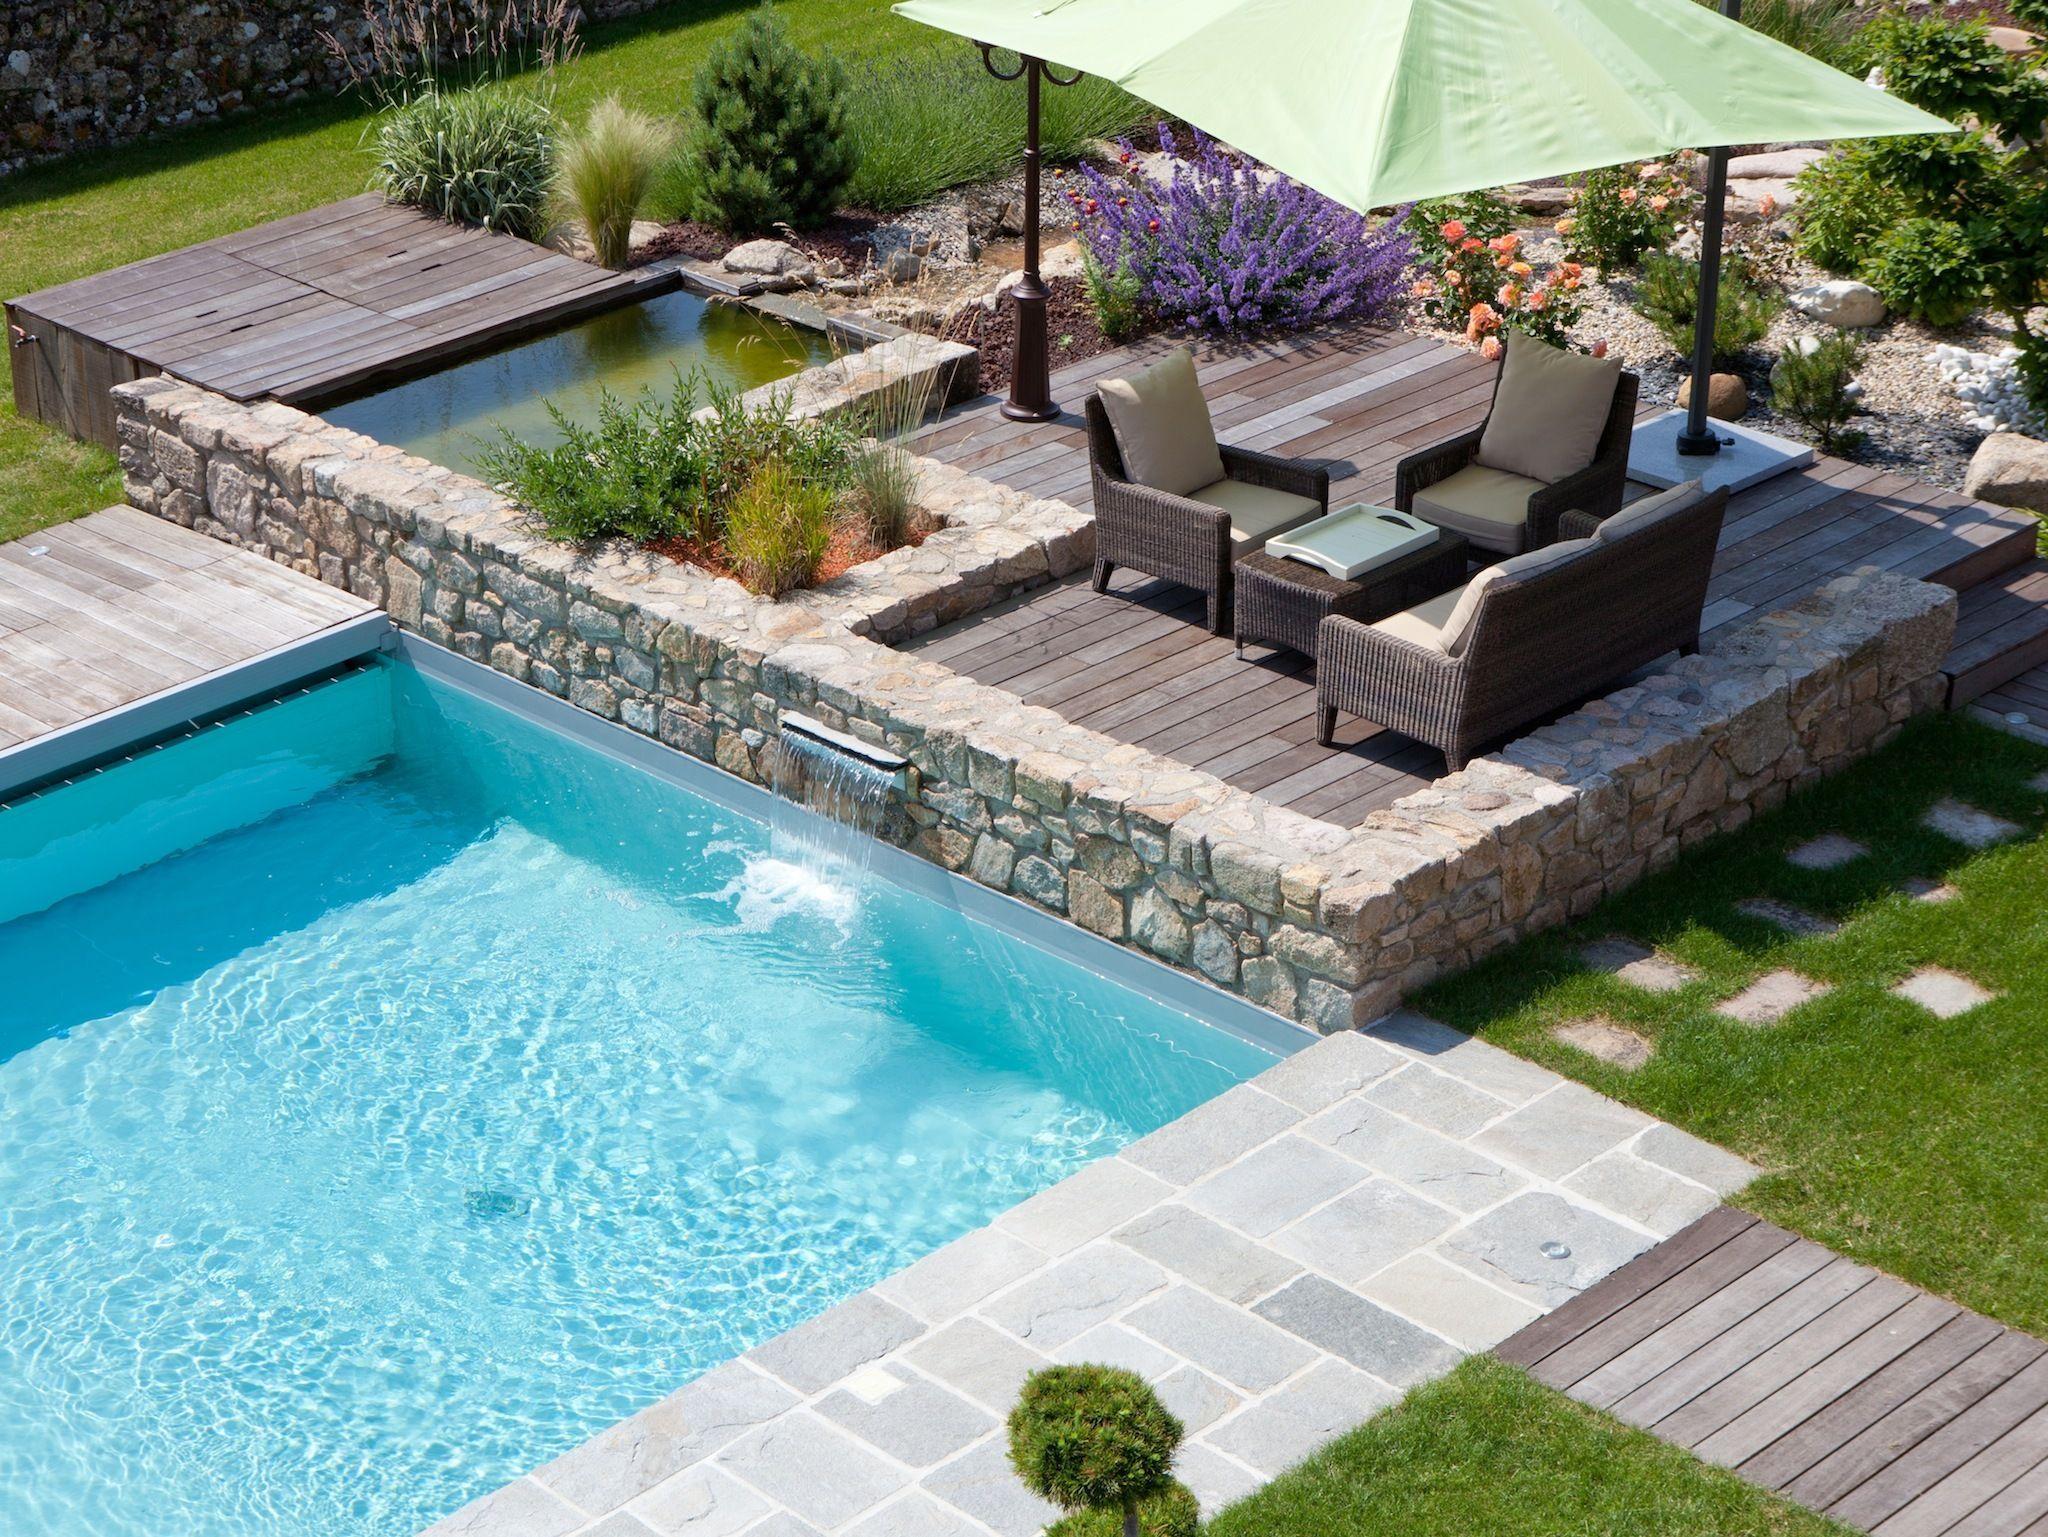 La piscine paysag e par l 39 esprit piscine piscine 6 x 5 m rev tement gris clair escalier d - Piscine hors sol avec escalier interieur ...